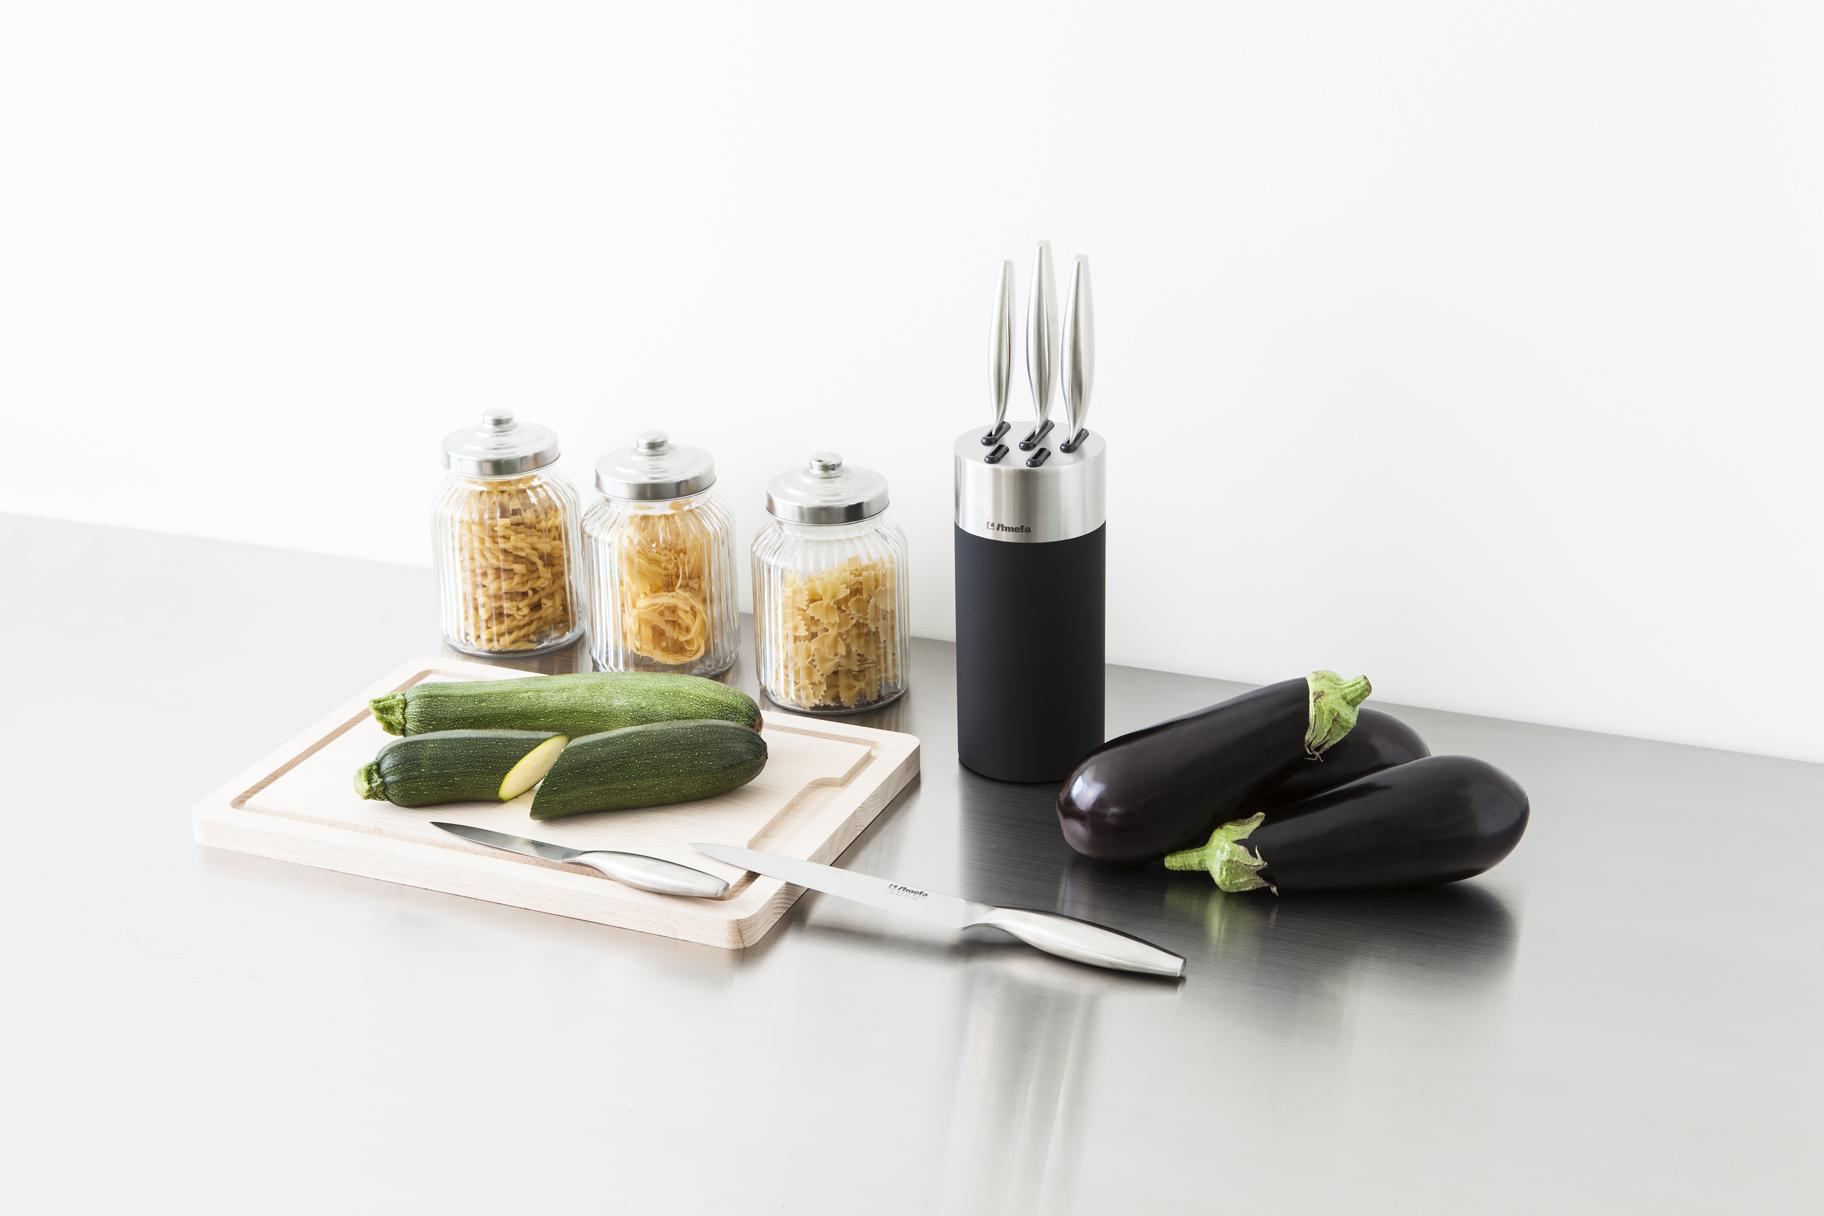 barattoli da cucina